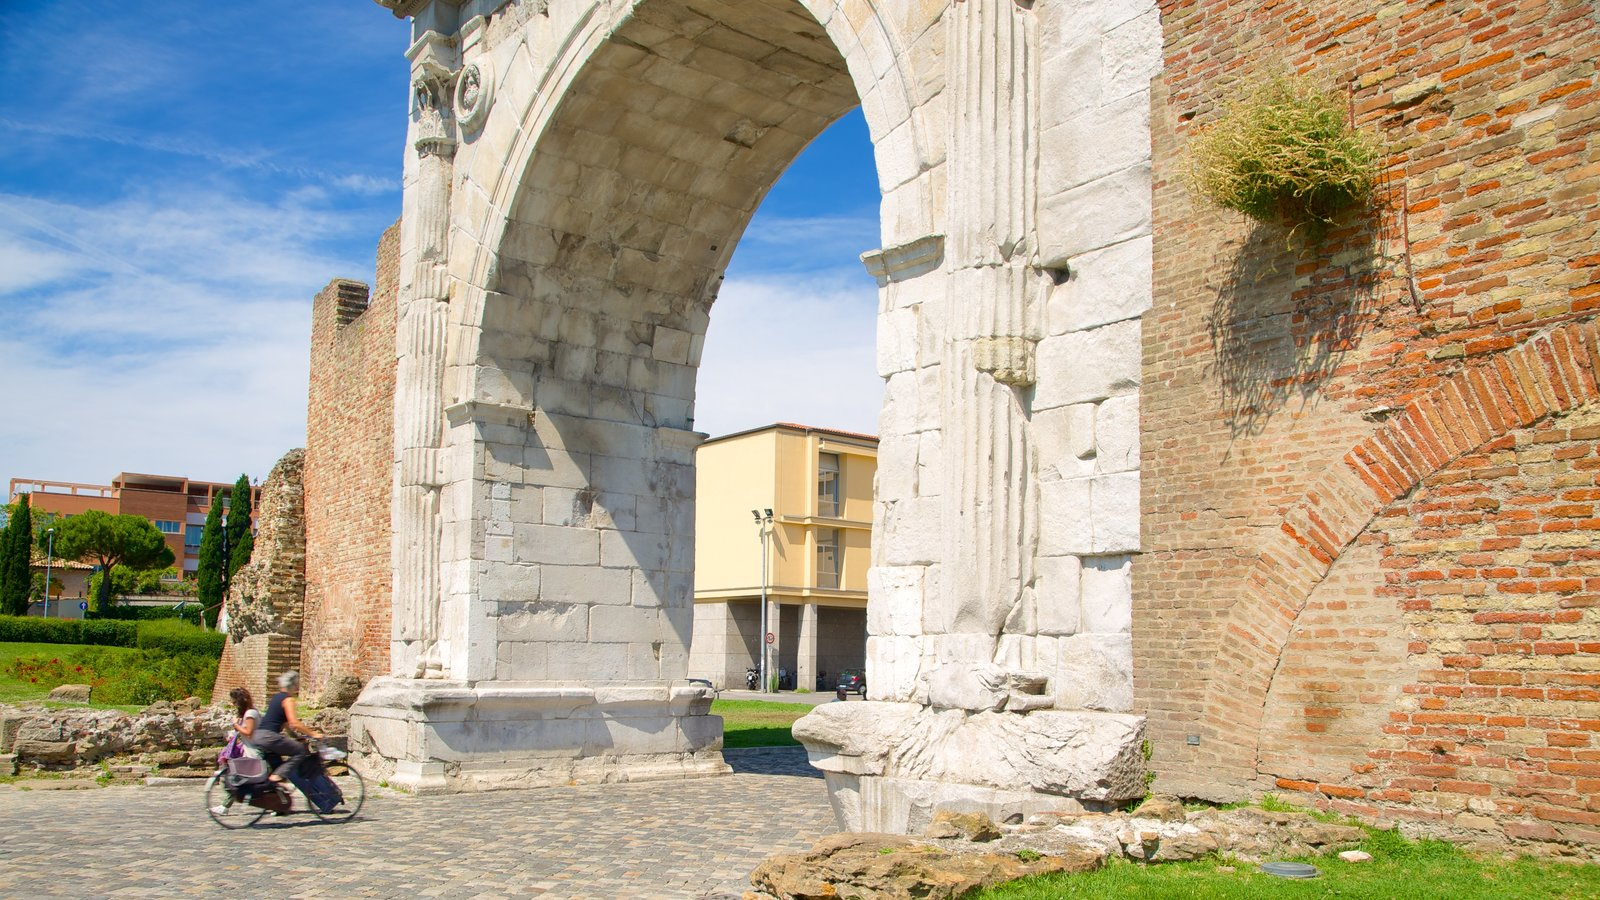 Arco de Augusto mostrando elementos de patrimônio e uma ruína